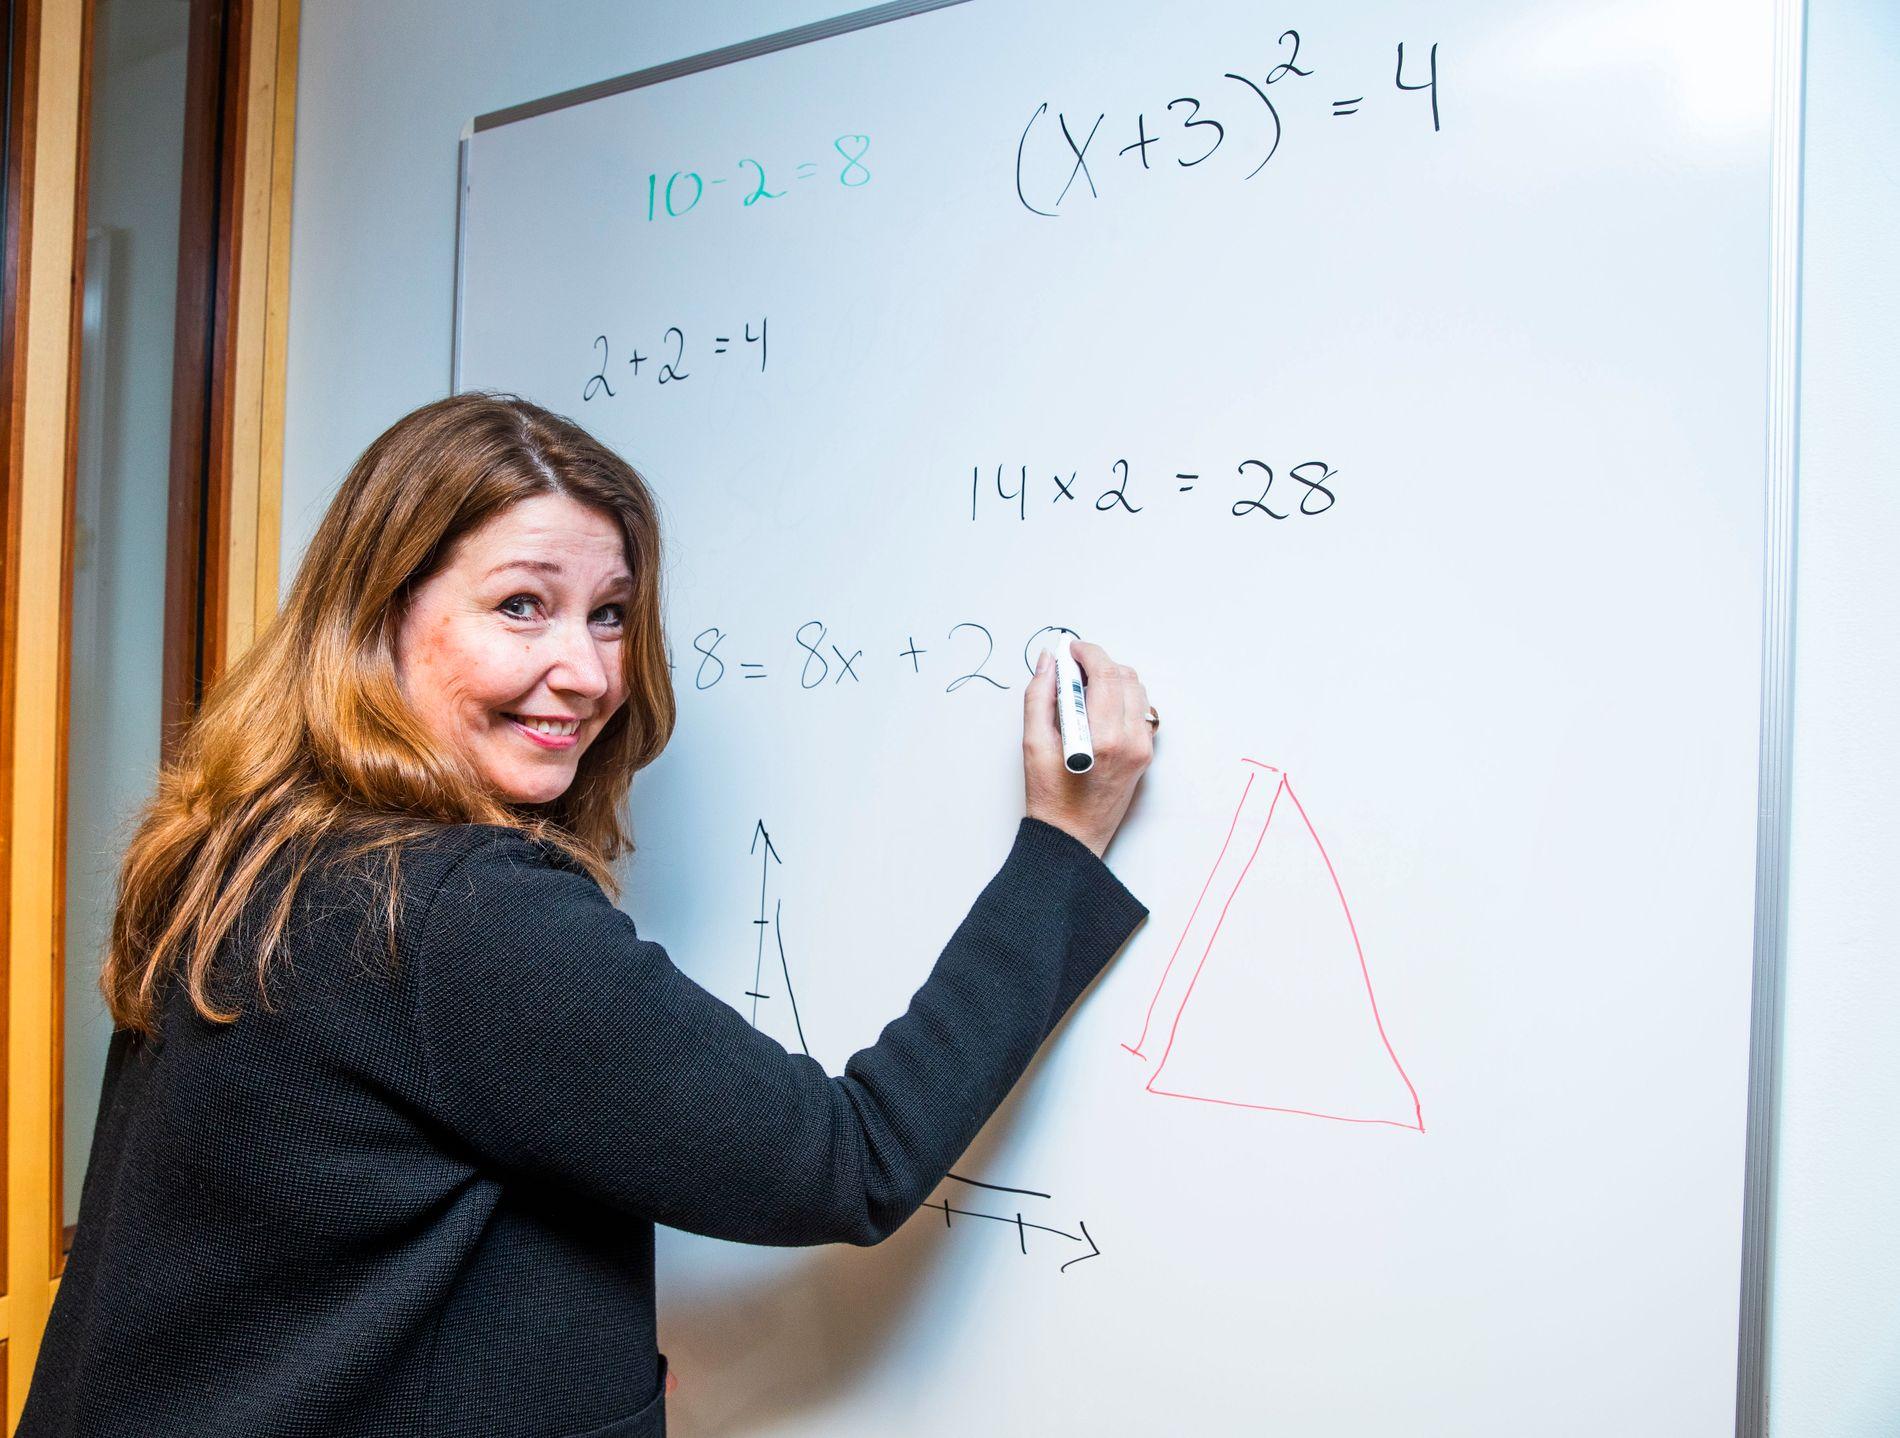 NESTEN-LÆRER: Turid Kristensen har jobbet i mange år administrativt ved Universitetet i Oslo, men sier hun lenge vurderte å omskolere seg til å bli lærer. – Fordi matte er gøy og fordi det hadde vært spennende å få elever til å være enige i det.